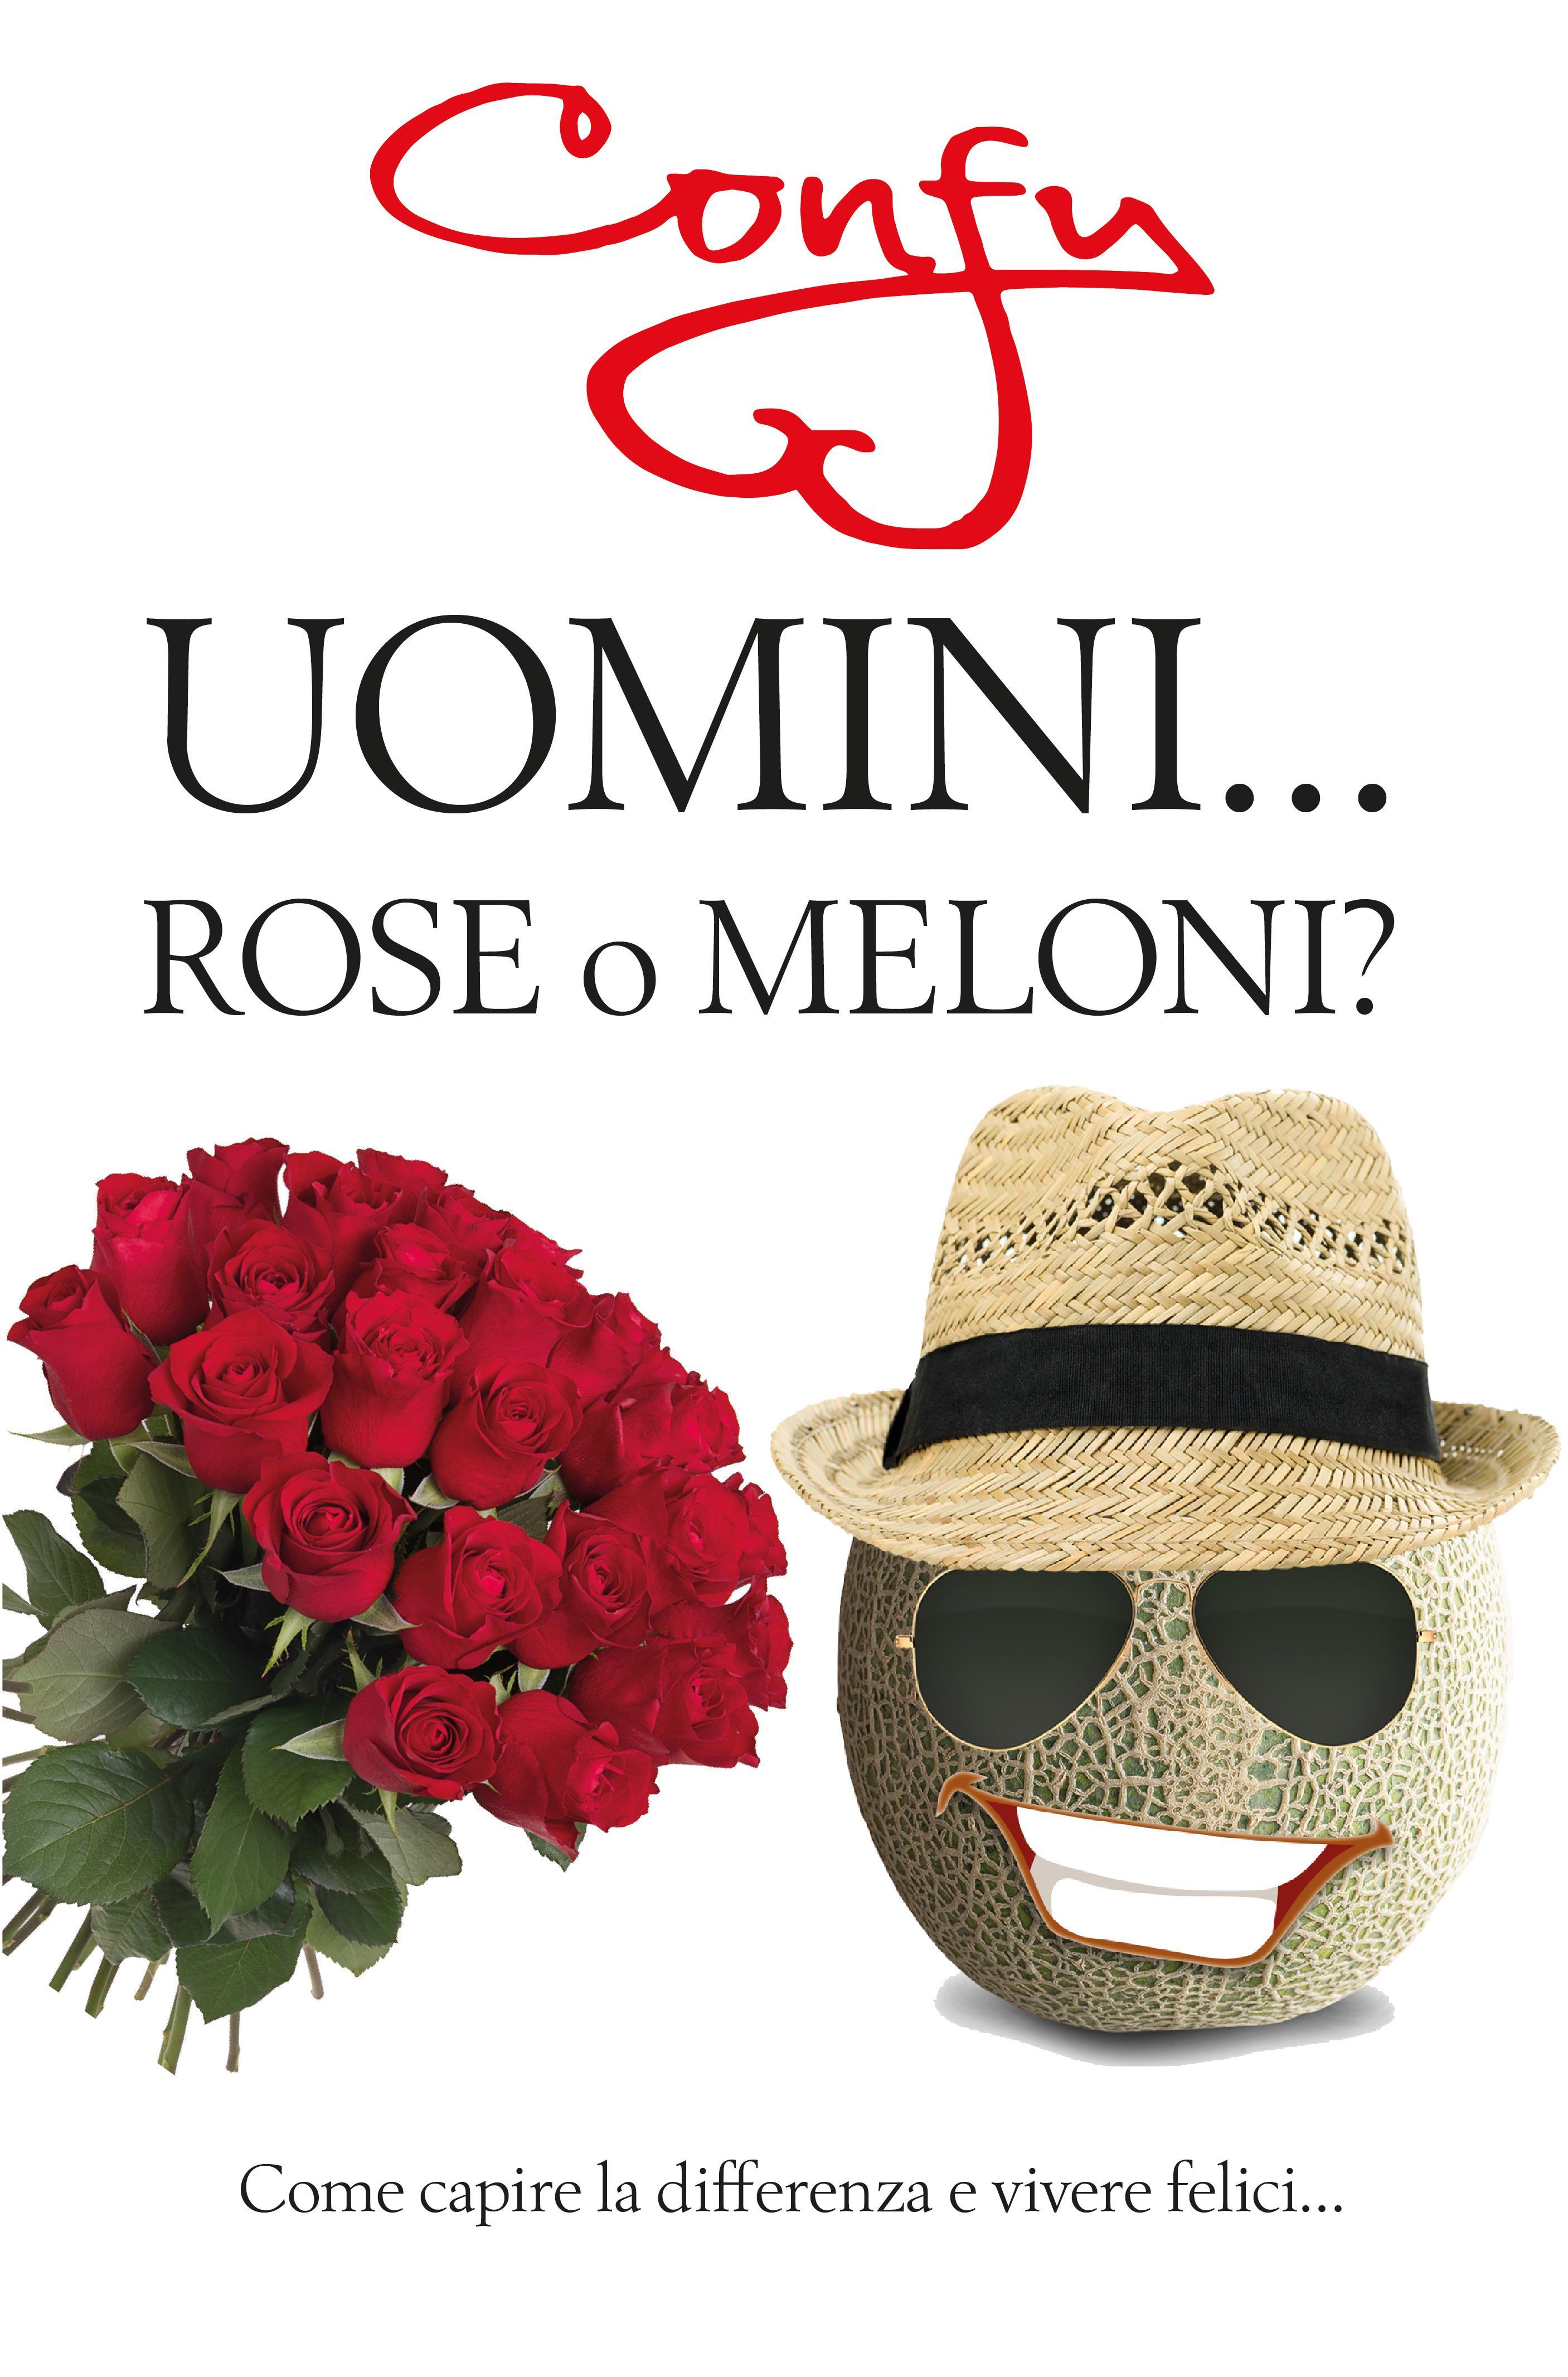 Uomini ... Rose o Meloni? come capire la differenza e vivere felici